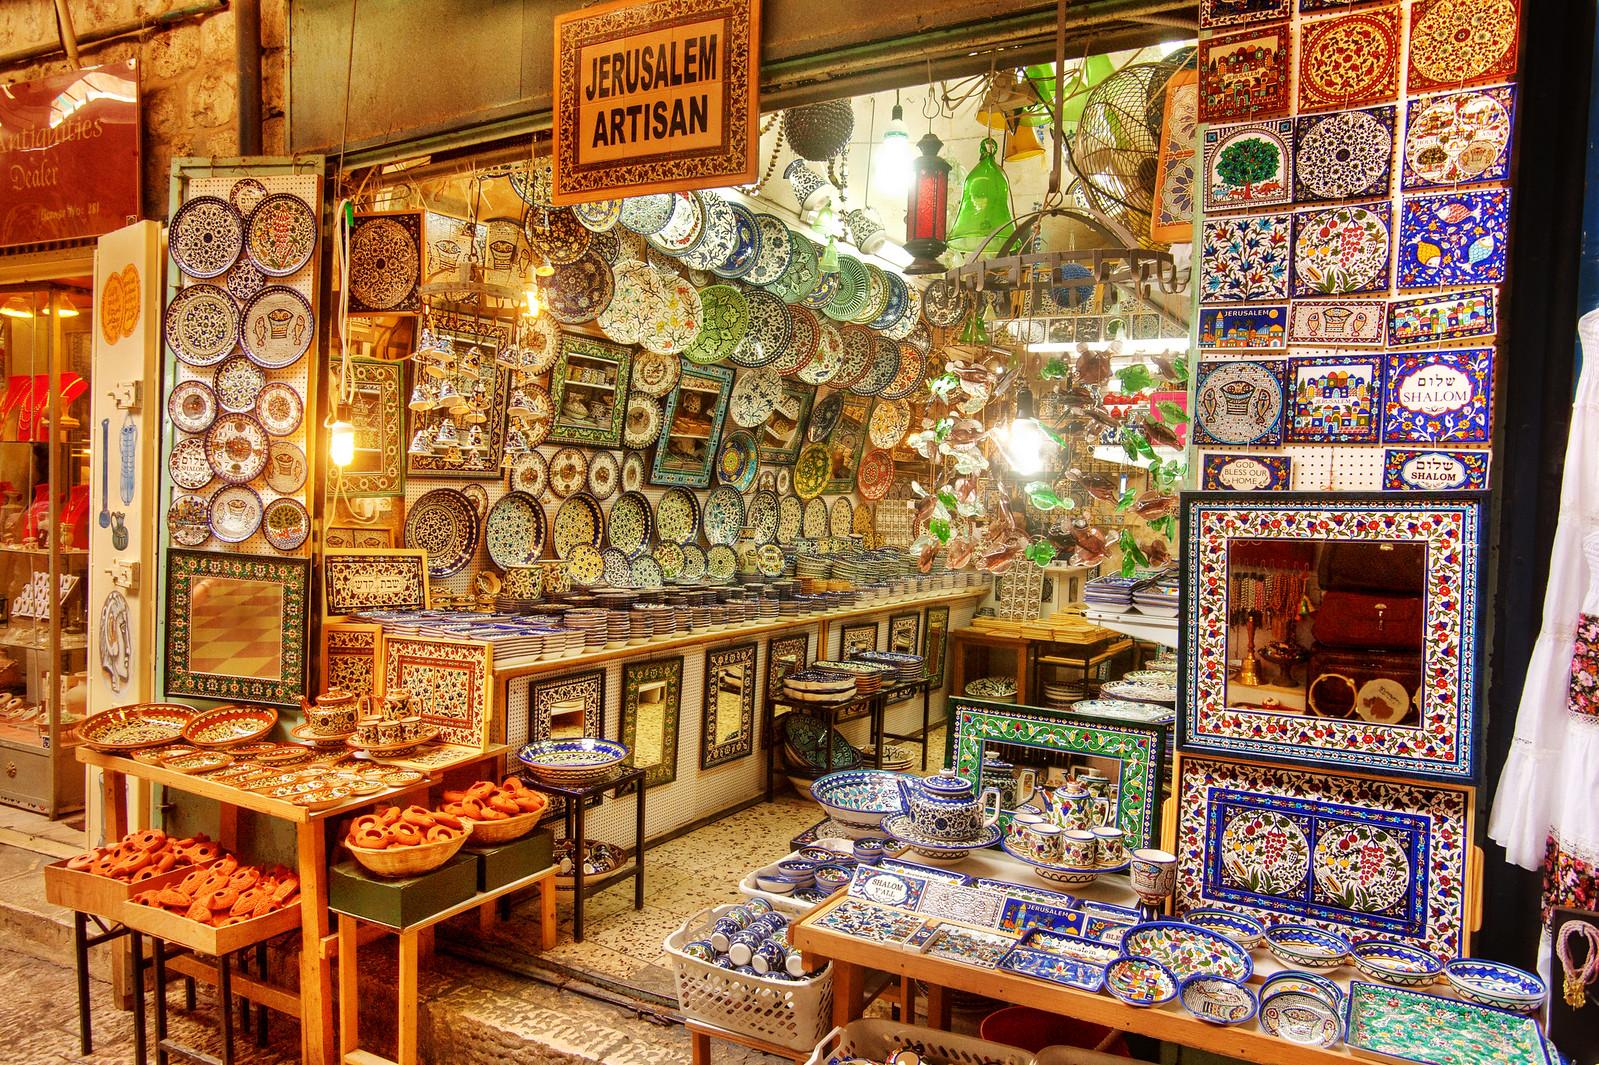 Jerusalem_OLd City market_9_Noam Chen_ IMOT